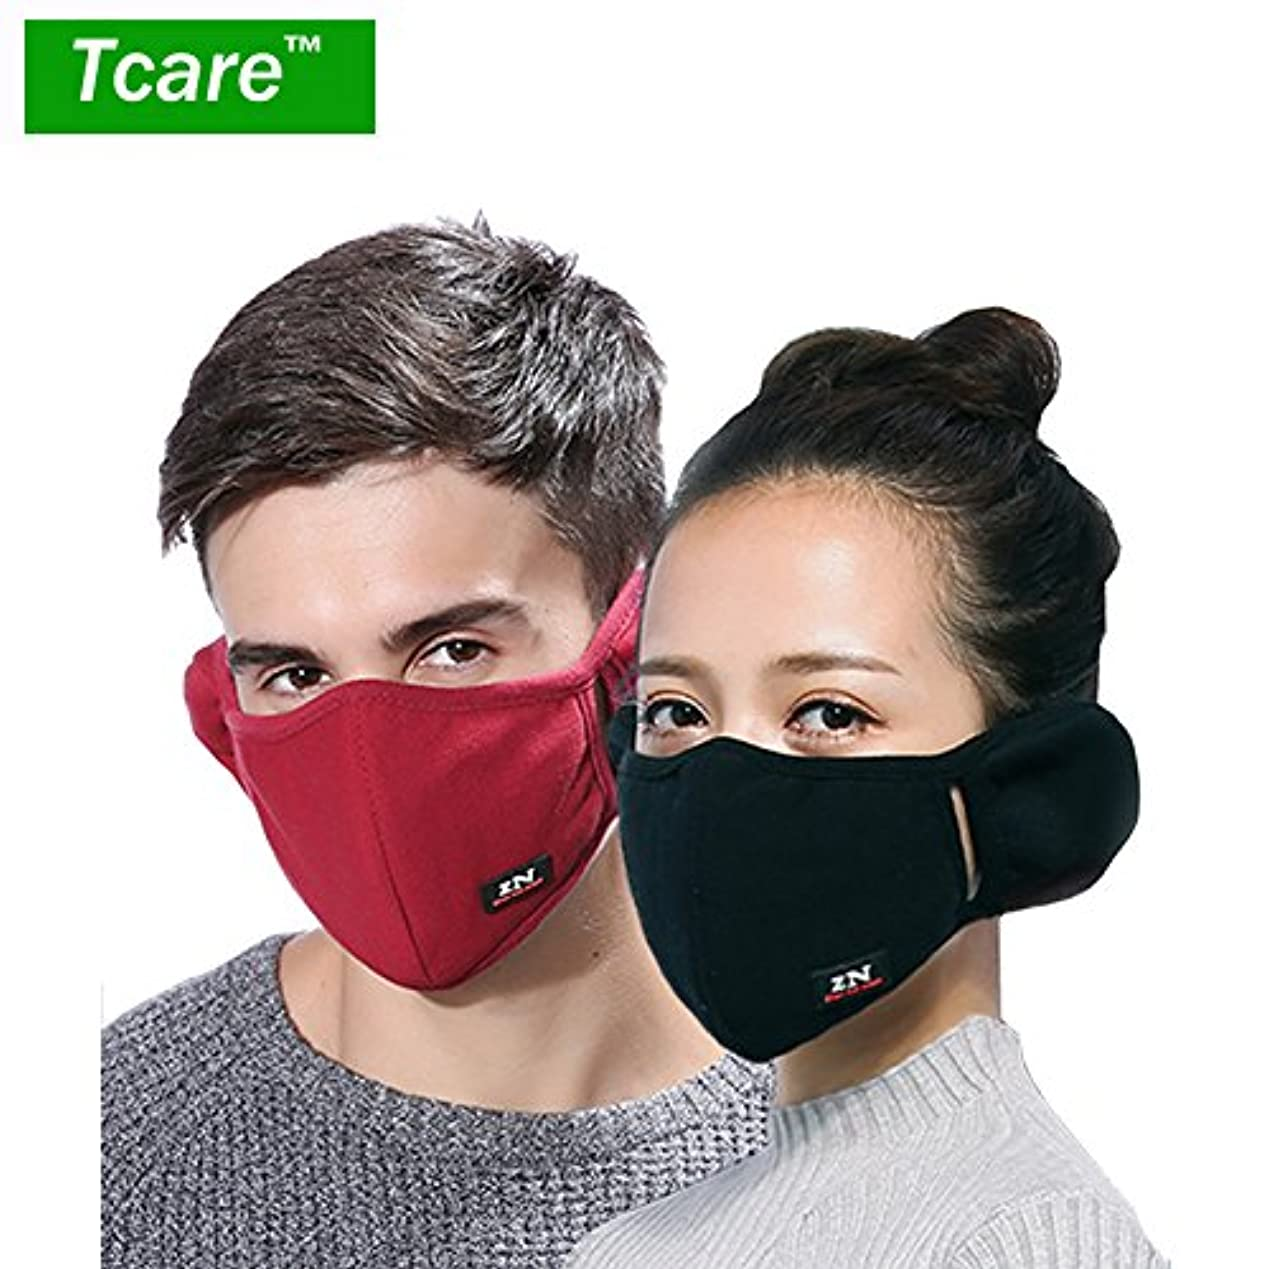 ファッションボトル兄弟愛男性女性の少年少女のためのTcare呼吸器2レイヤピュアコットン保護フィルター挿入口:5ブラウン